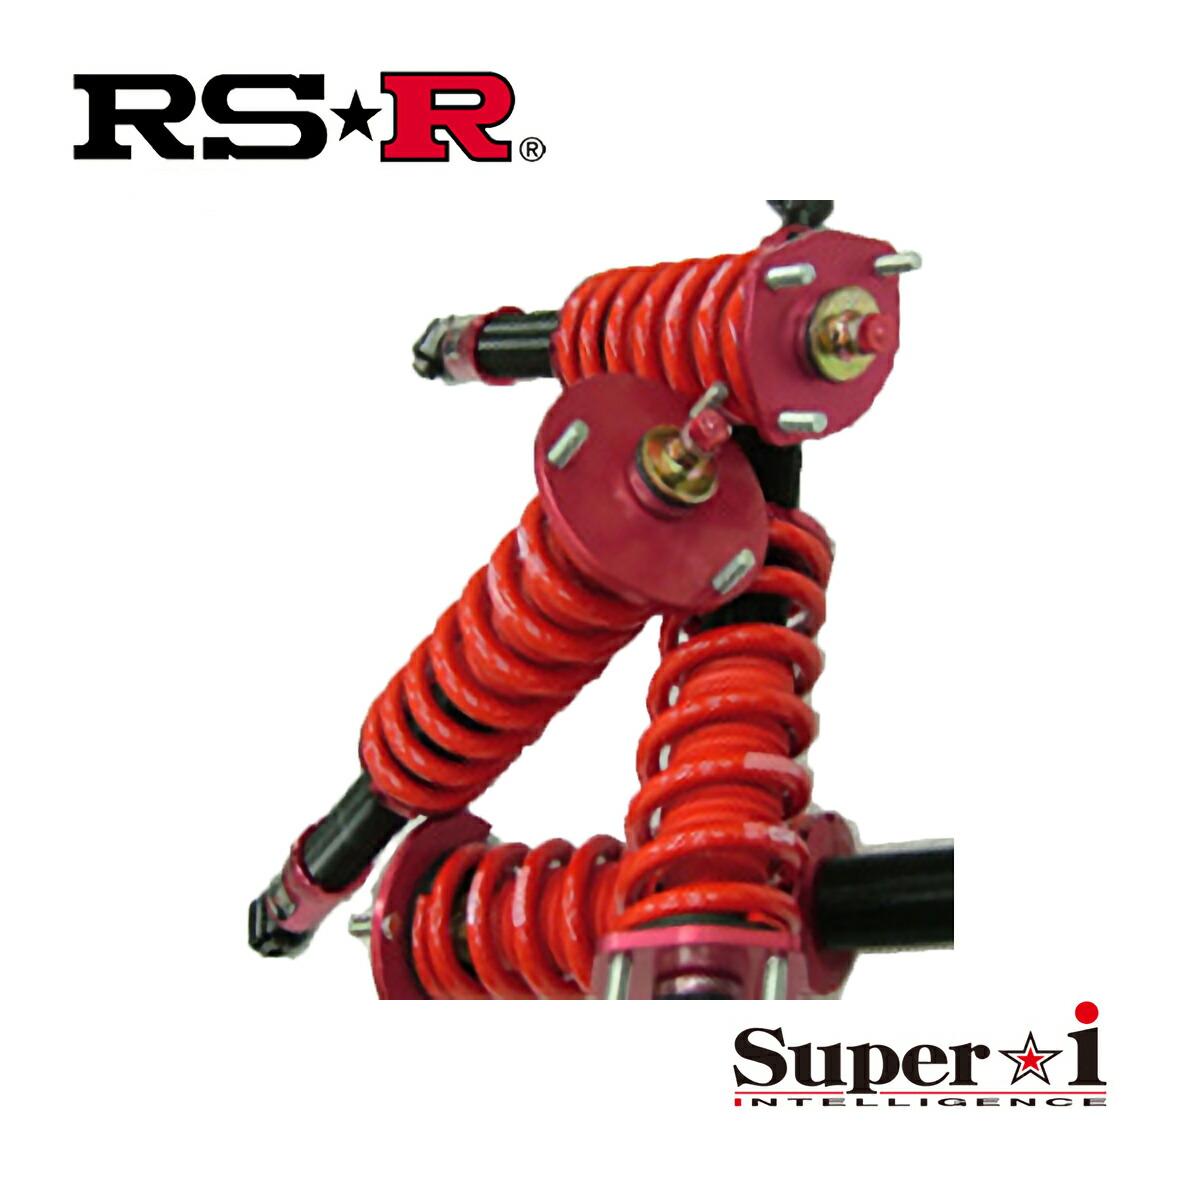 RS-R フーガハイブリッド ベースグレード HY51 車高調 リア車高調整:全長式/ハードバネレート仕様 LIN281H RSR スーパーi RSR 条件付き送料無料